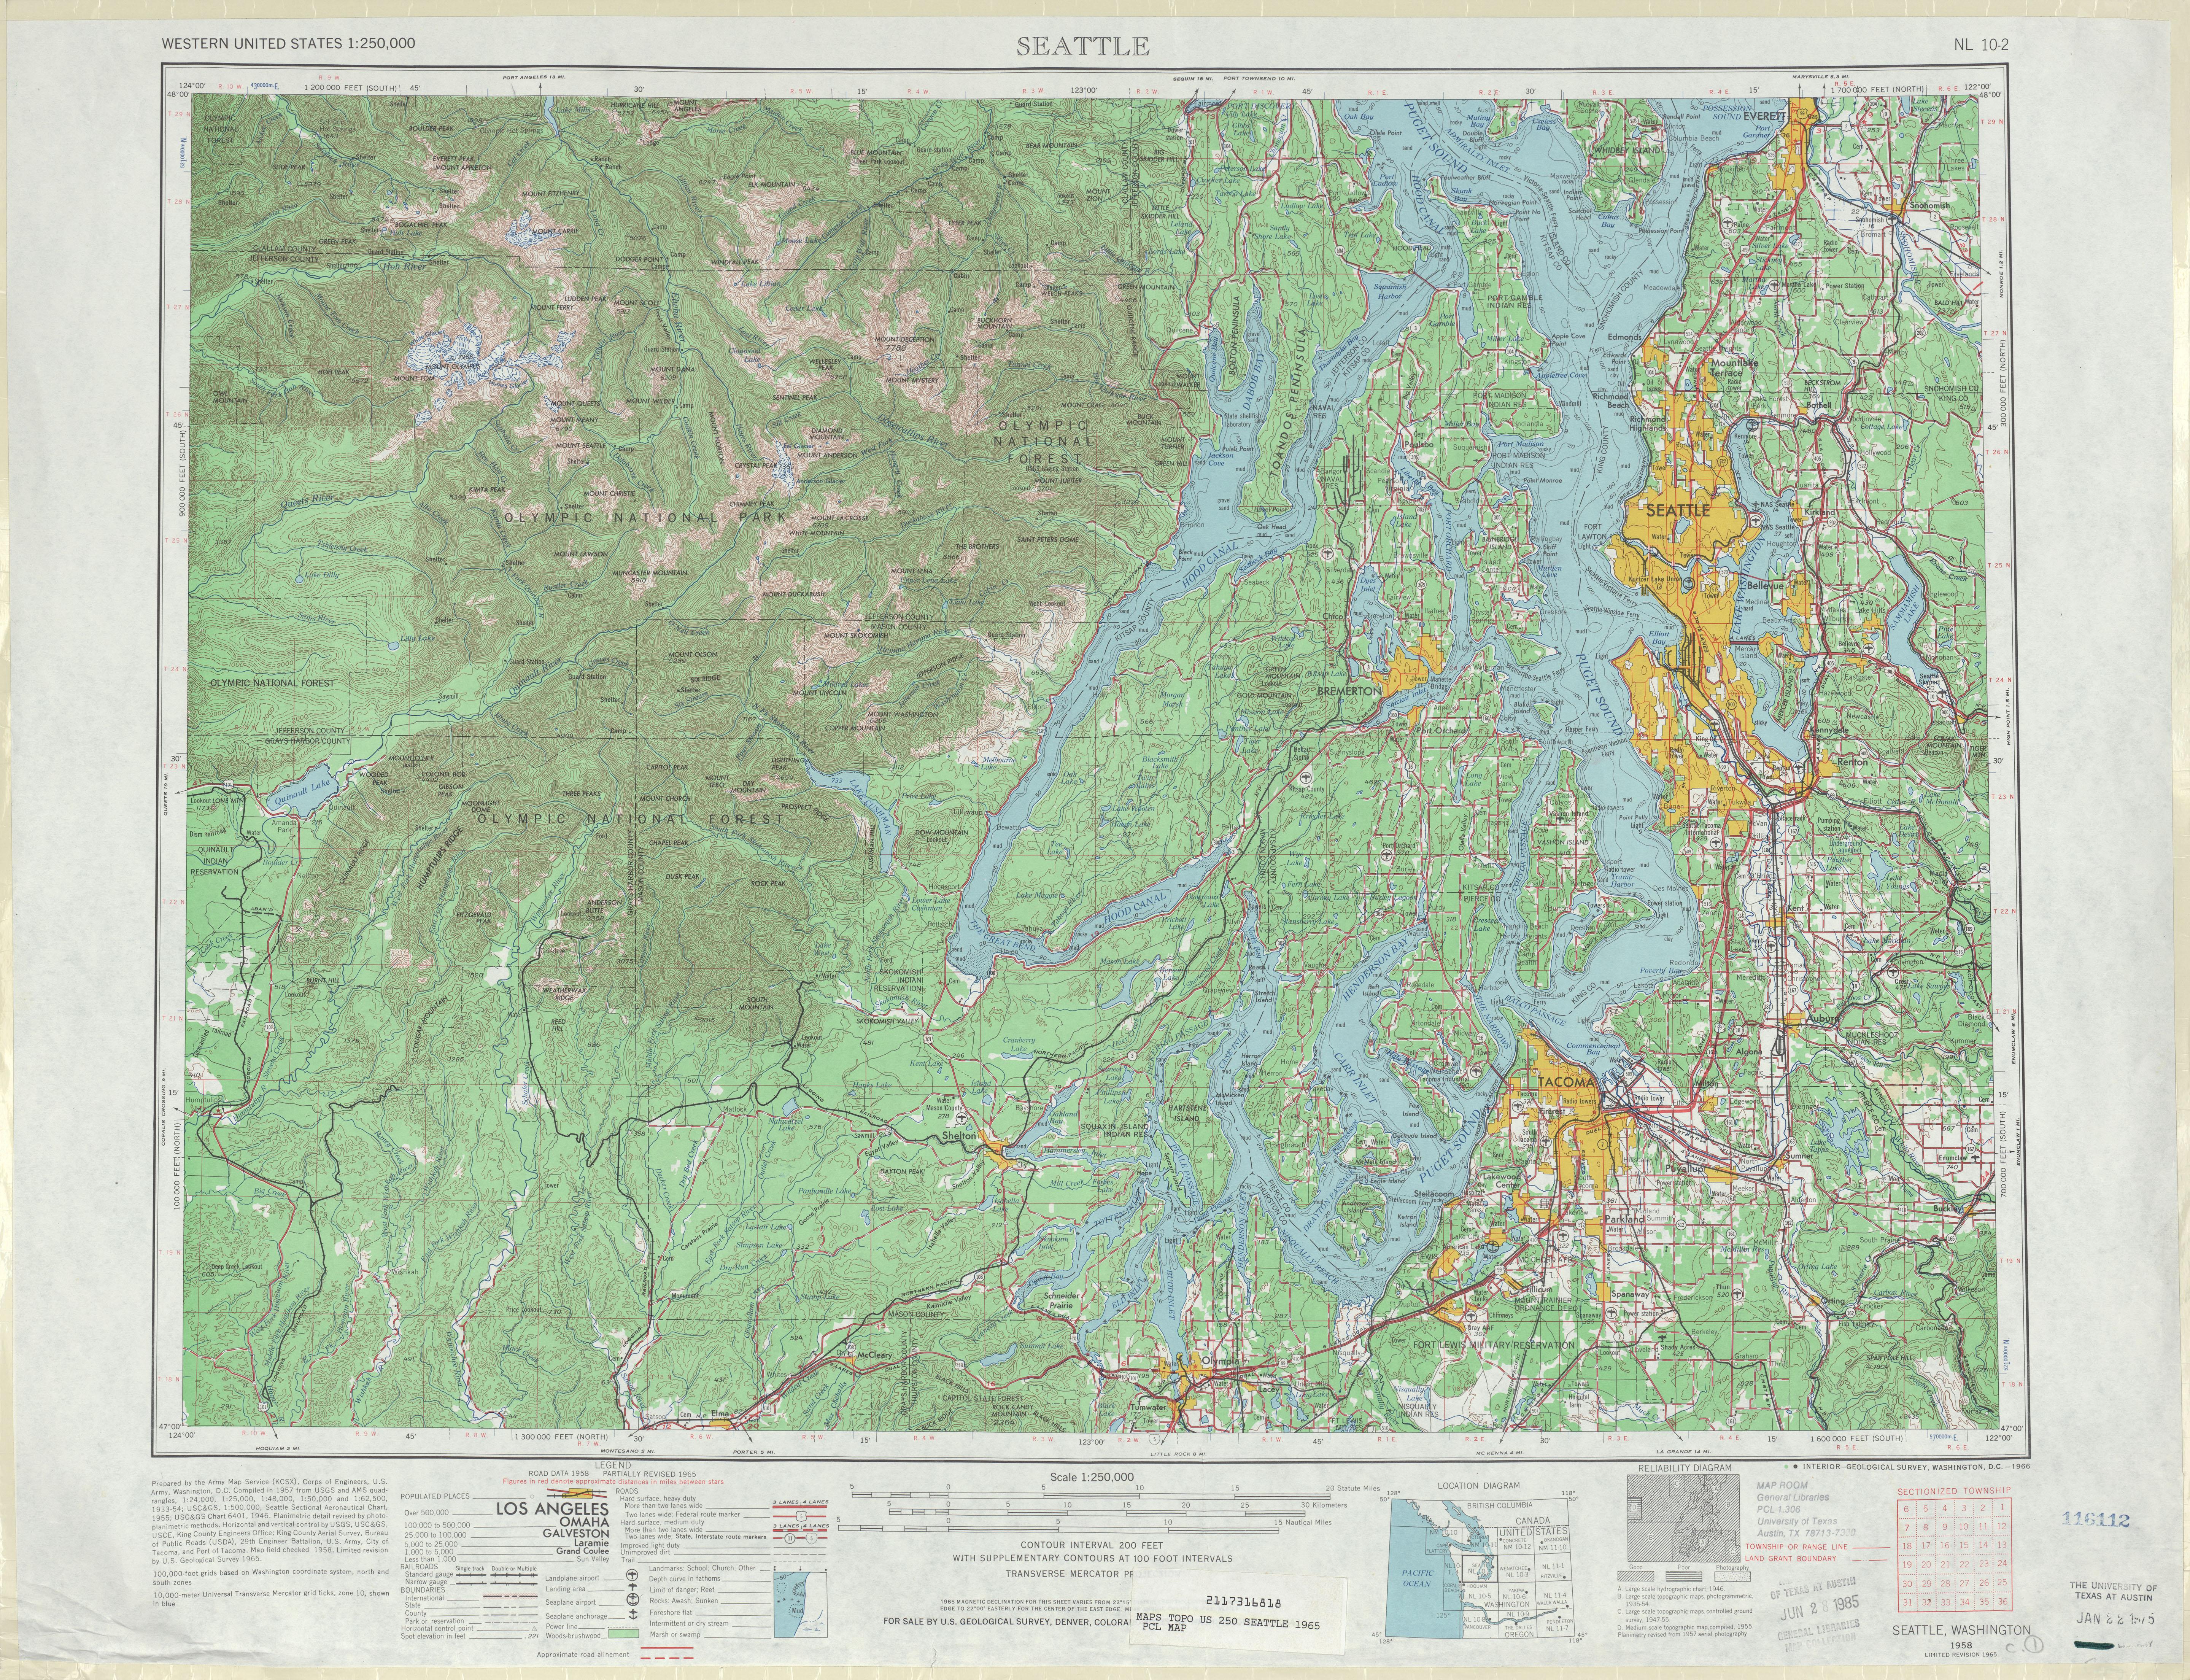 Hoja Seattle del Mapa Topográfico de los Estados Unidos 1965